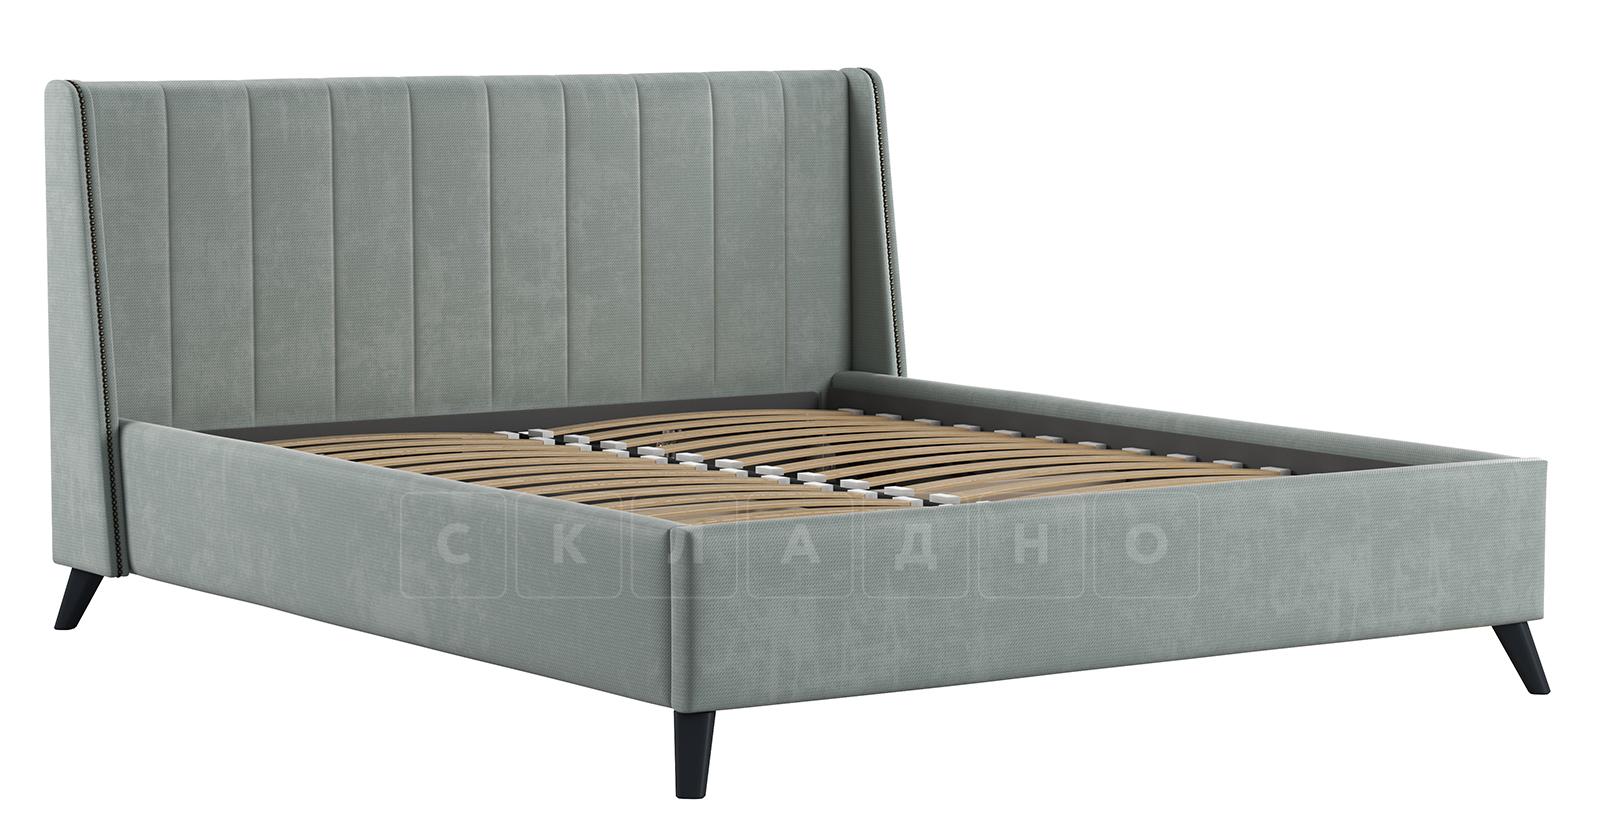 Мягкая кровать Мелисса 160 см велюр серебристый серый фото 2 | интернет-магазин Складно